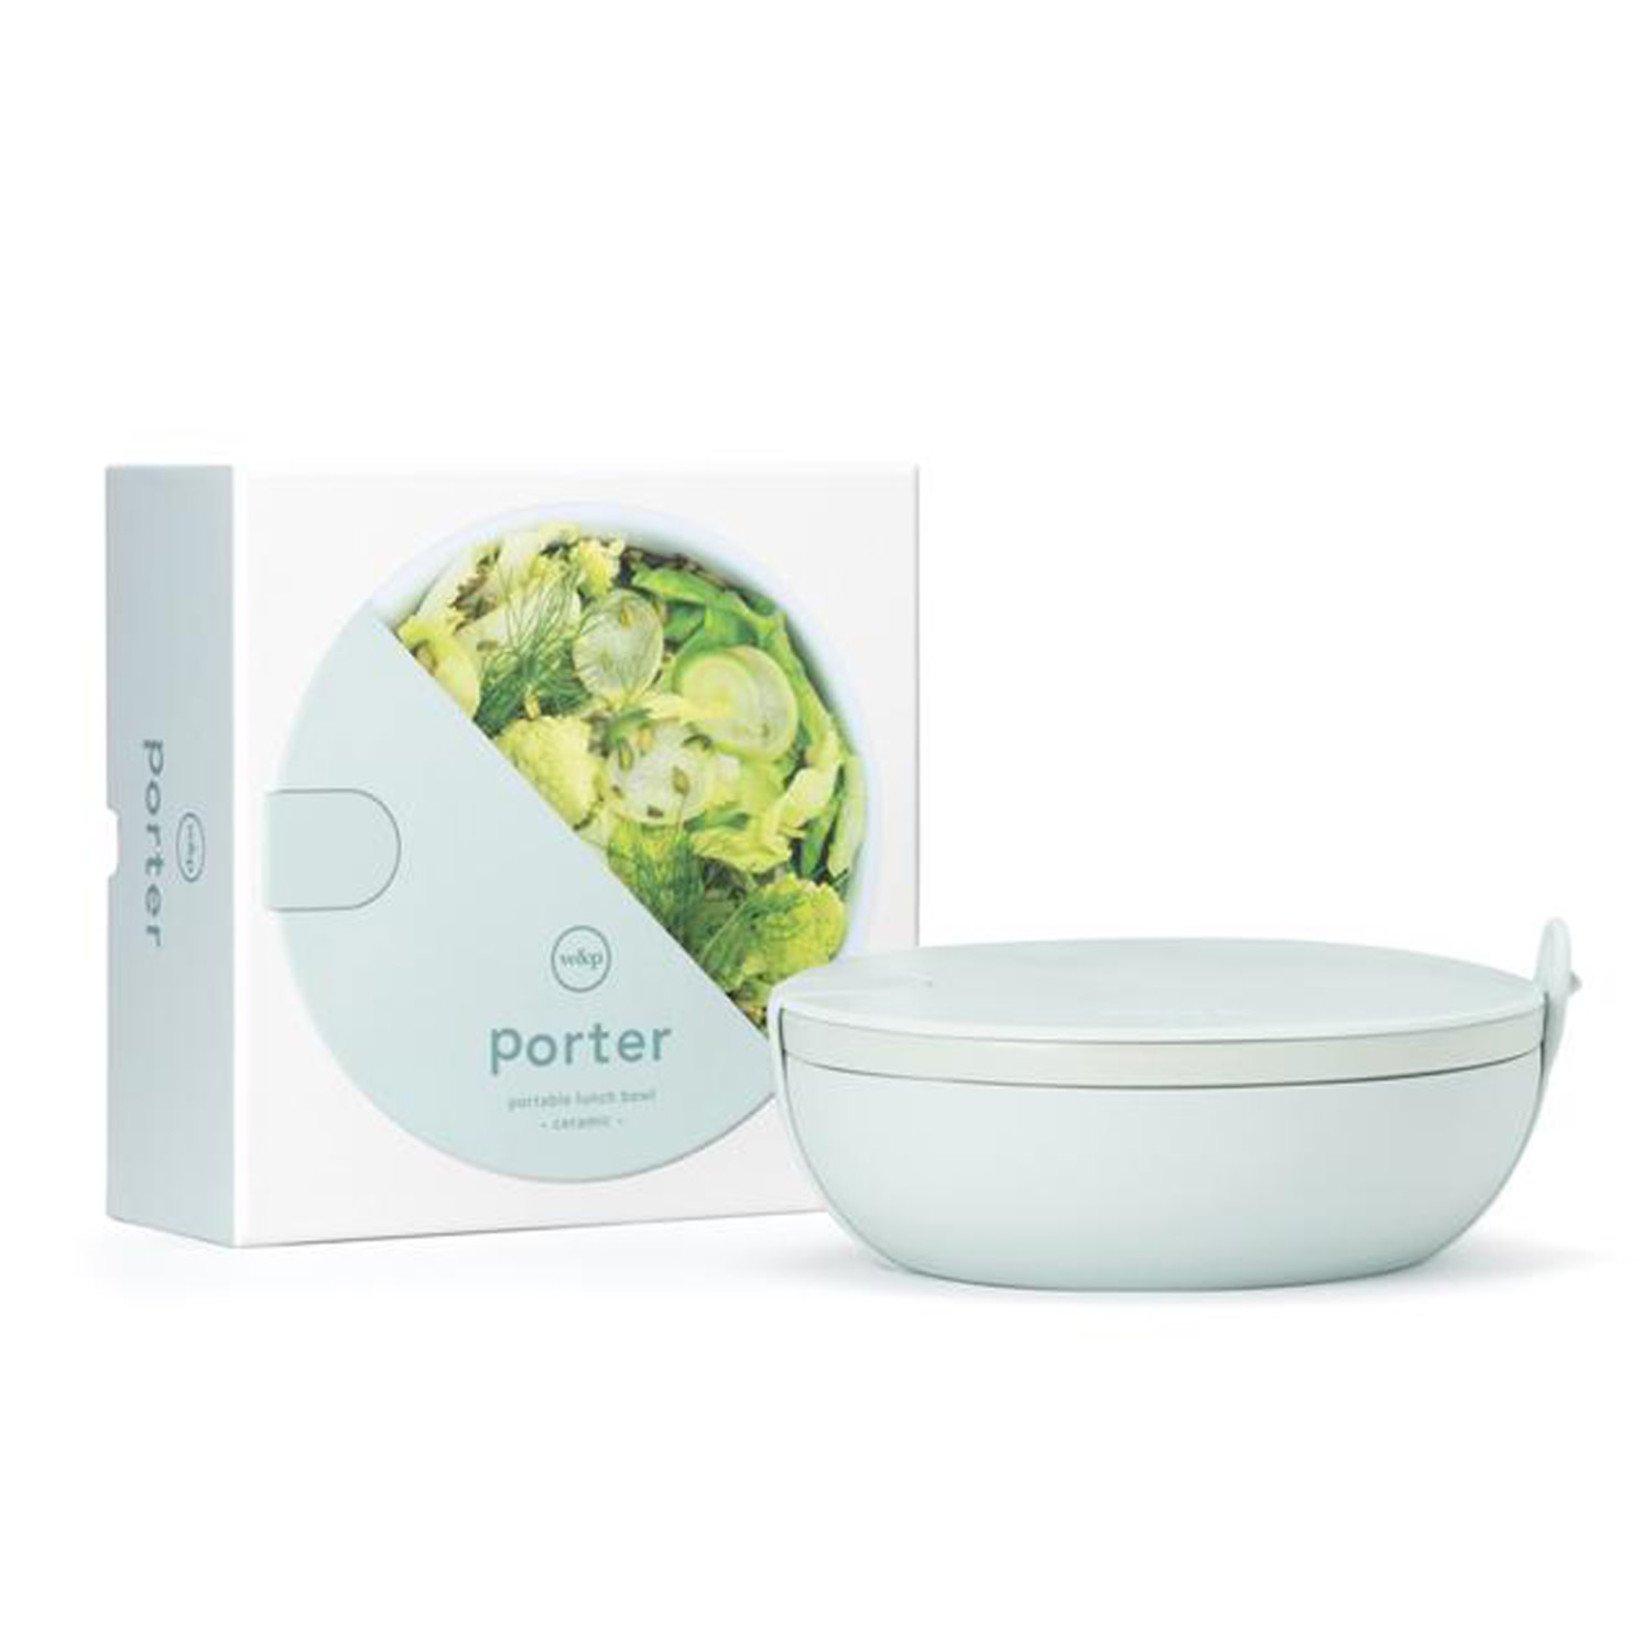 Porter Ceramic Bowl